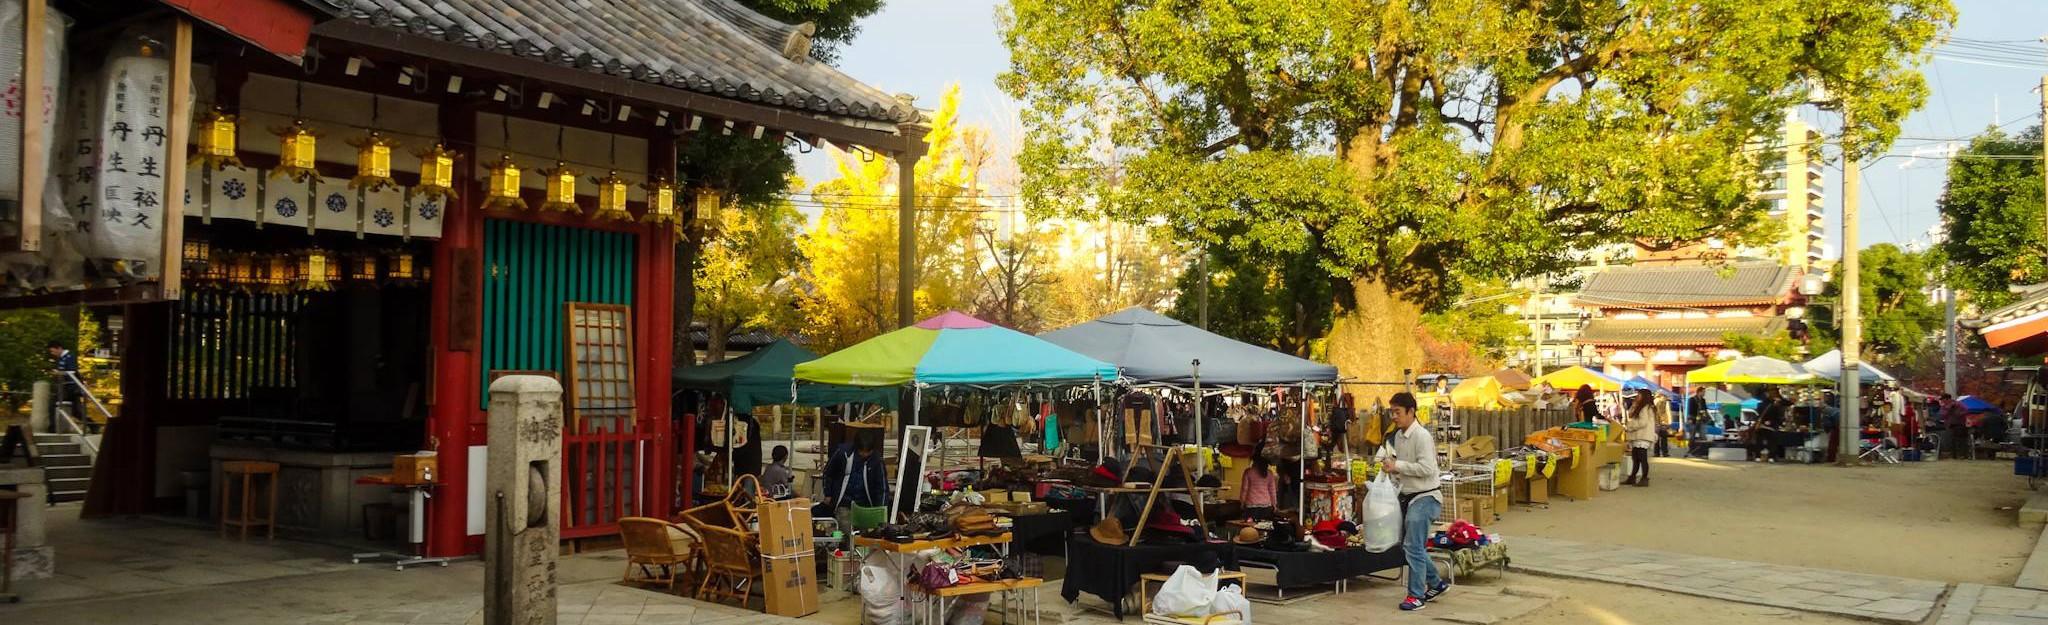 Faites les marchés et les boutiques japonaises  avec Camille